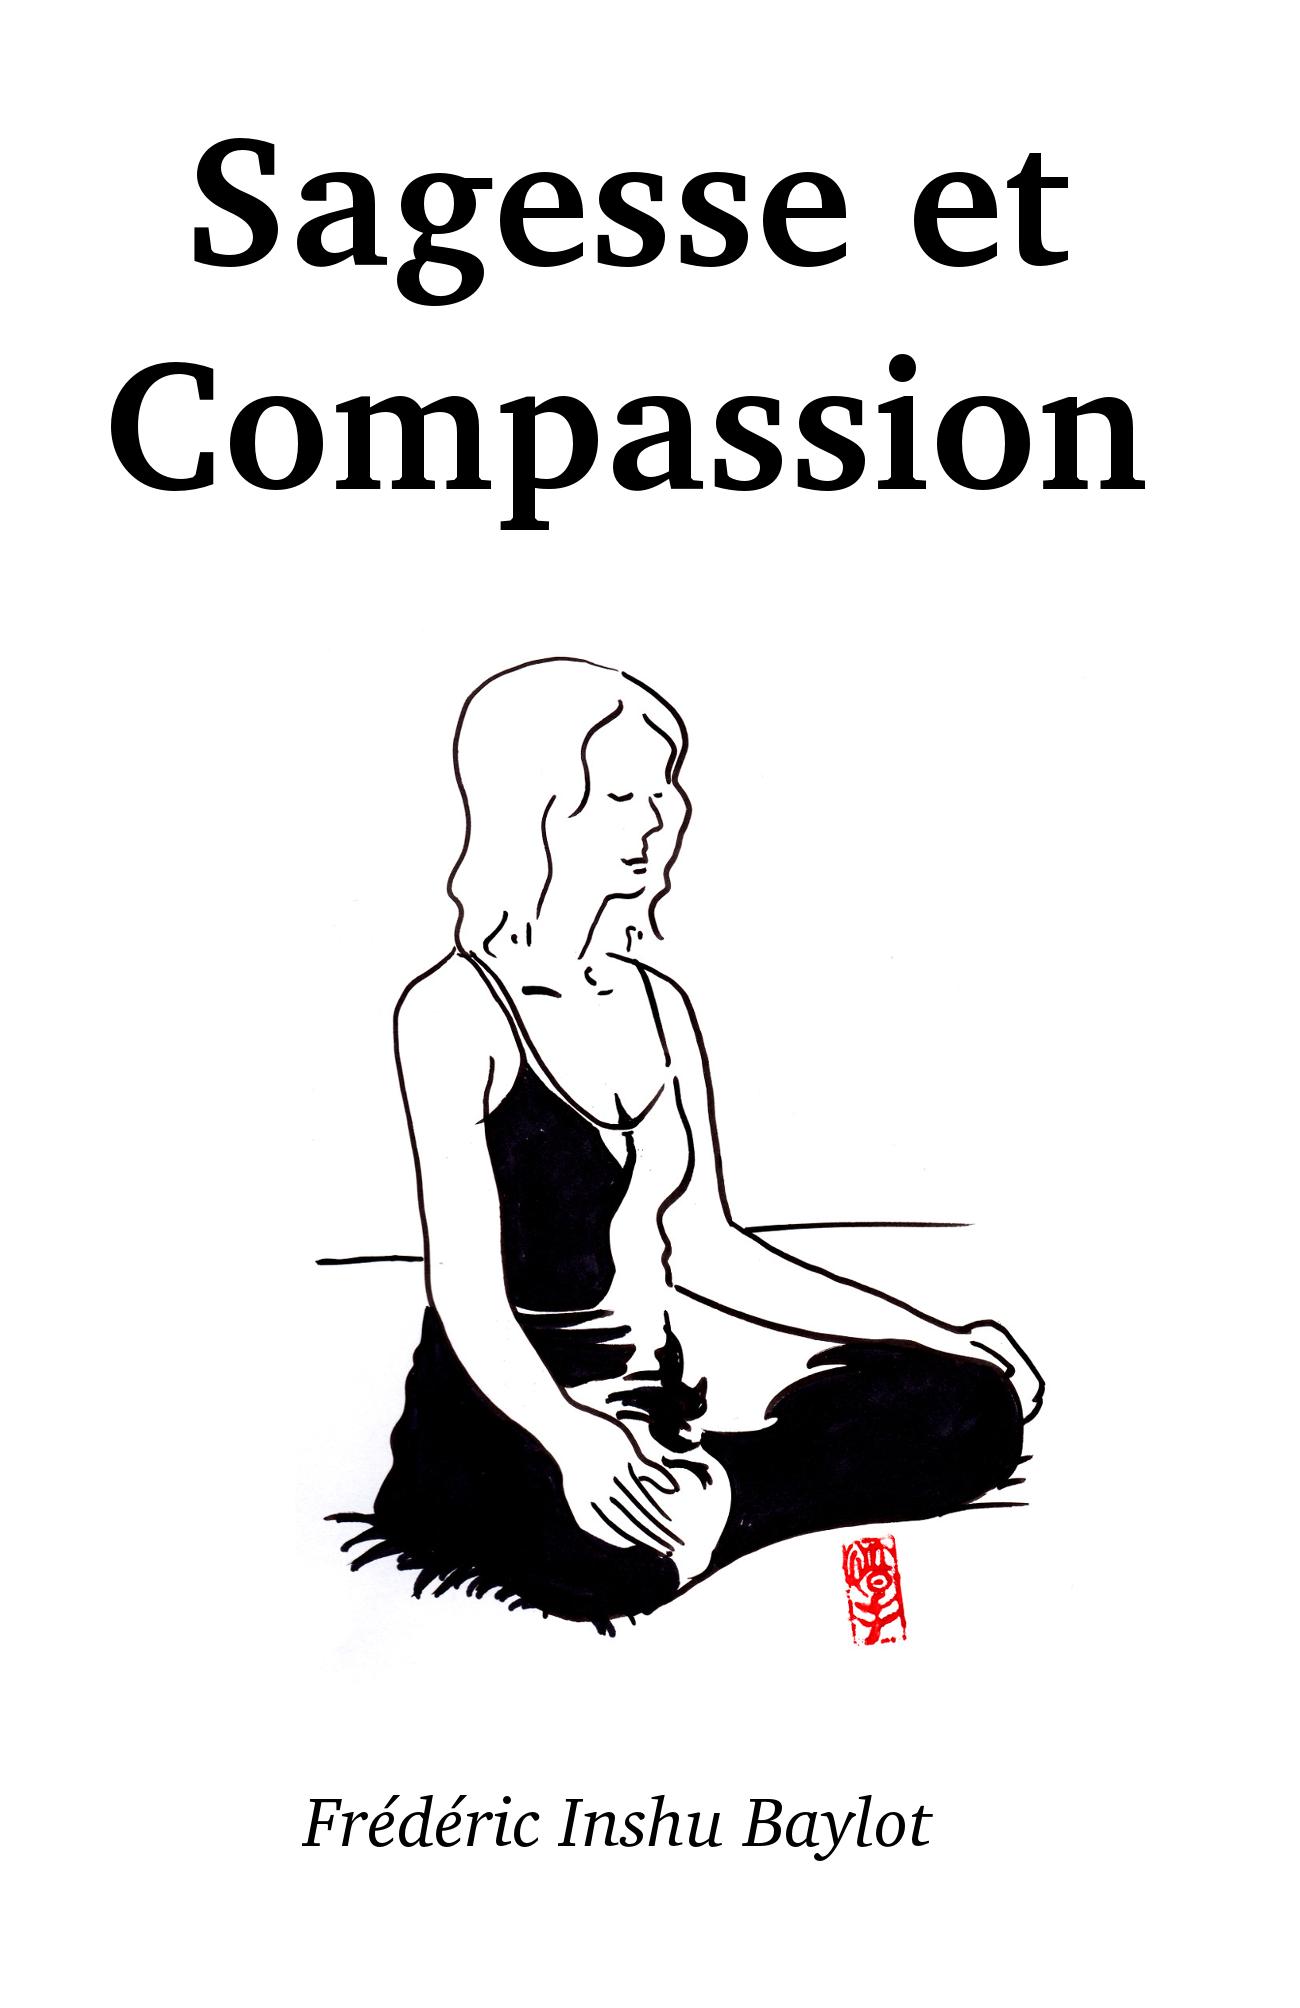 Sagesse et compassion